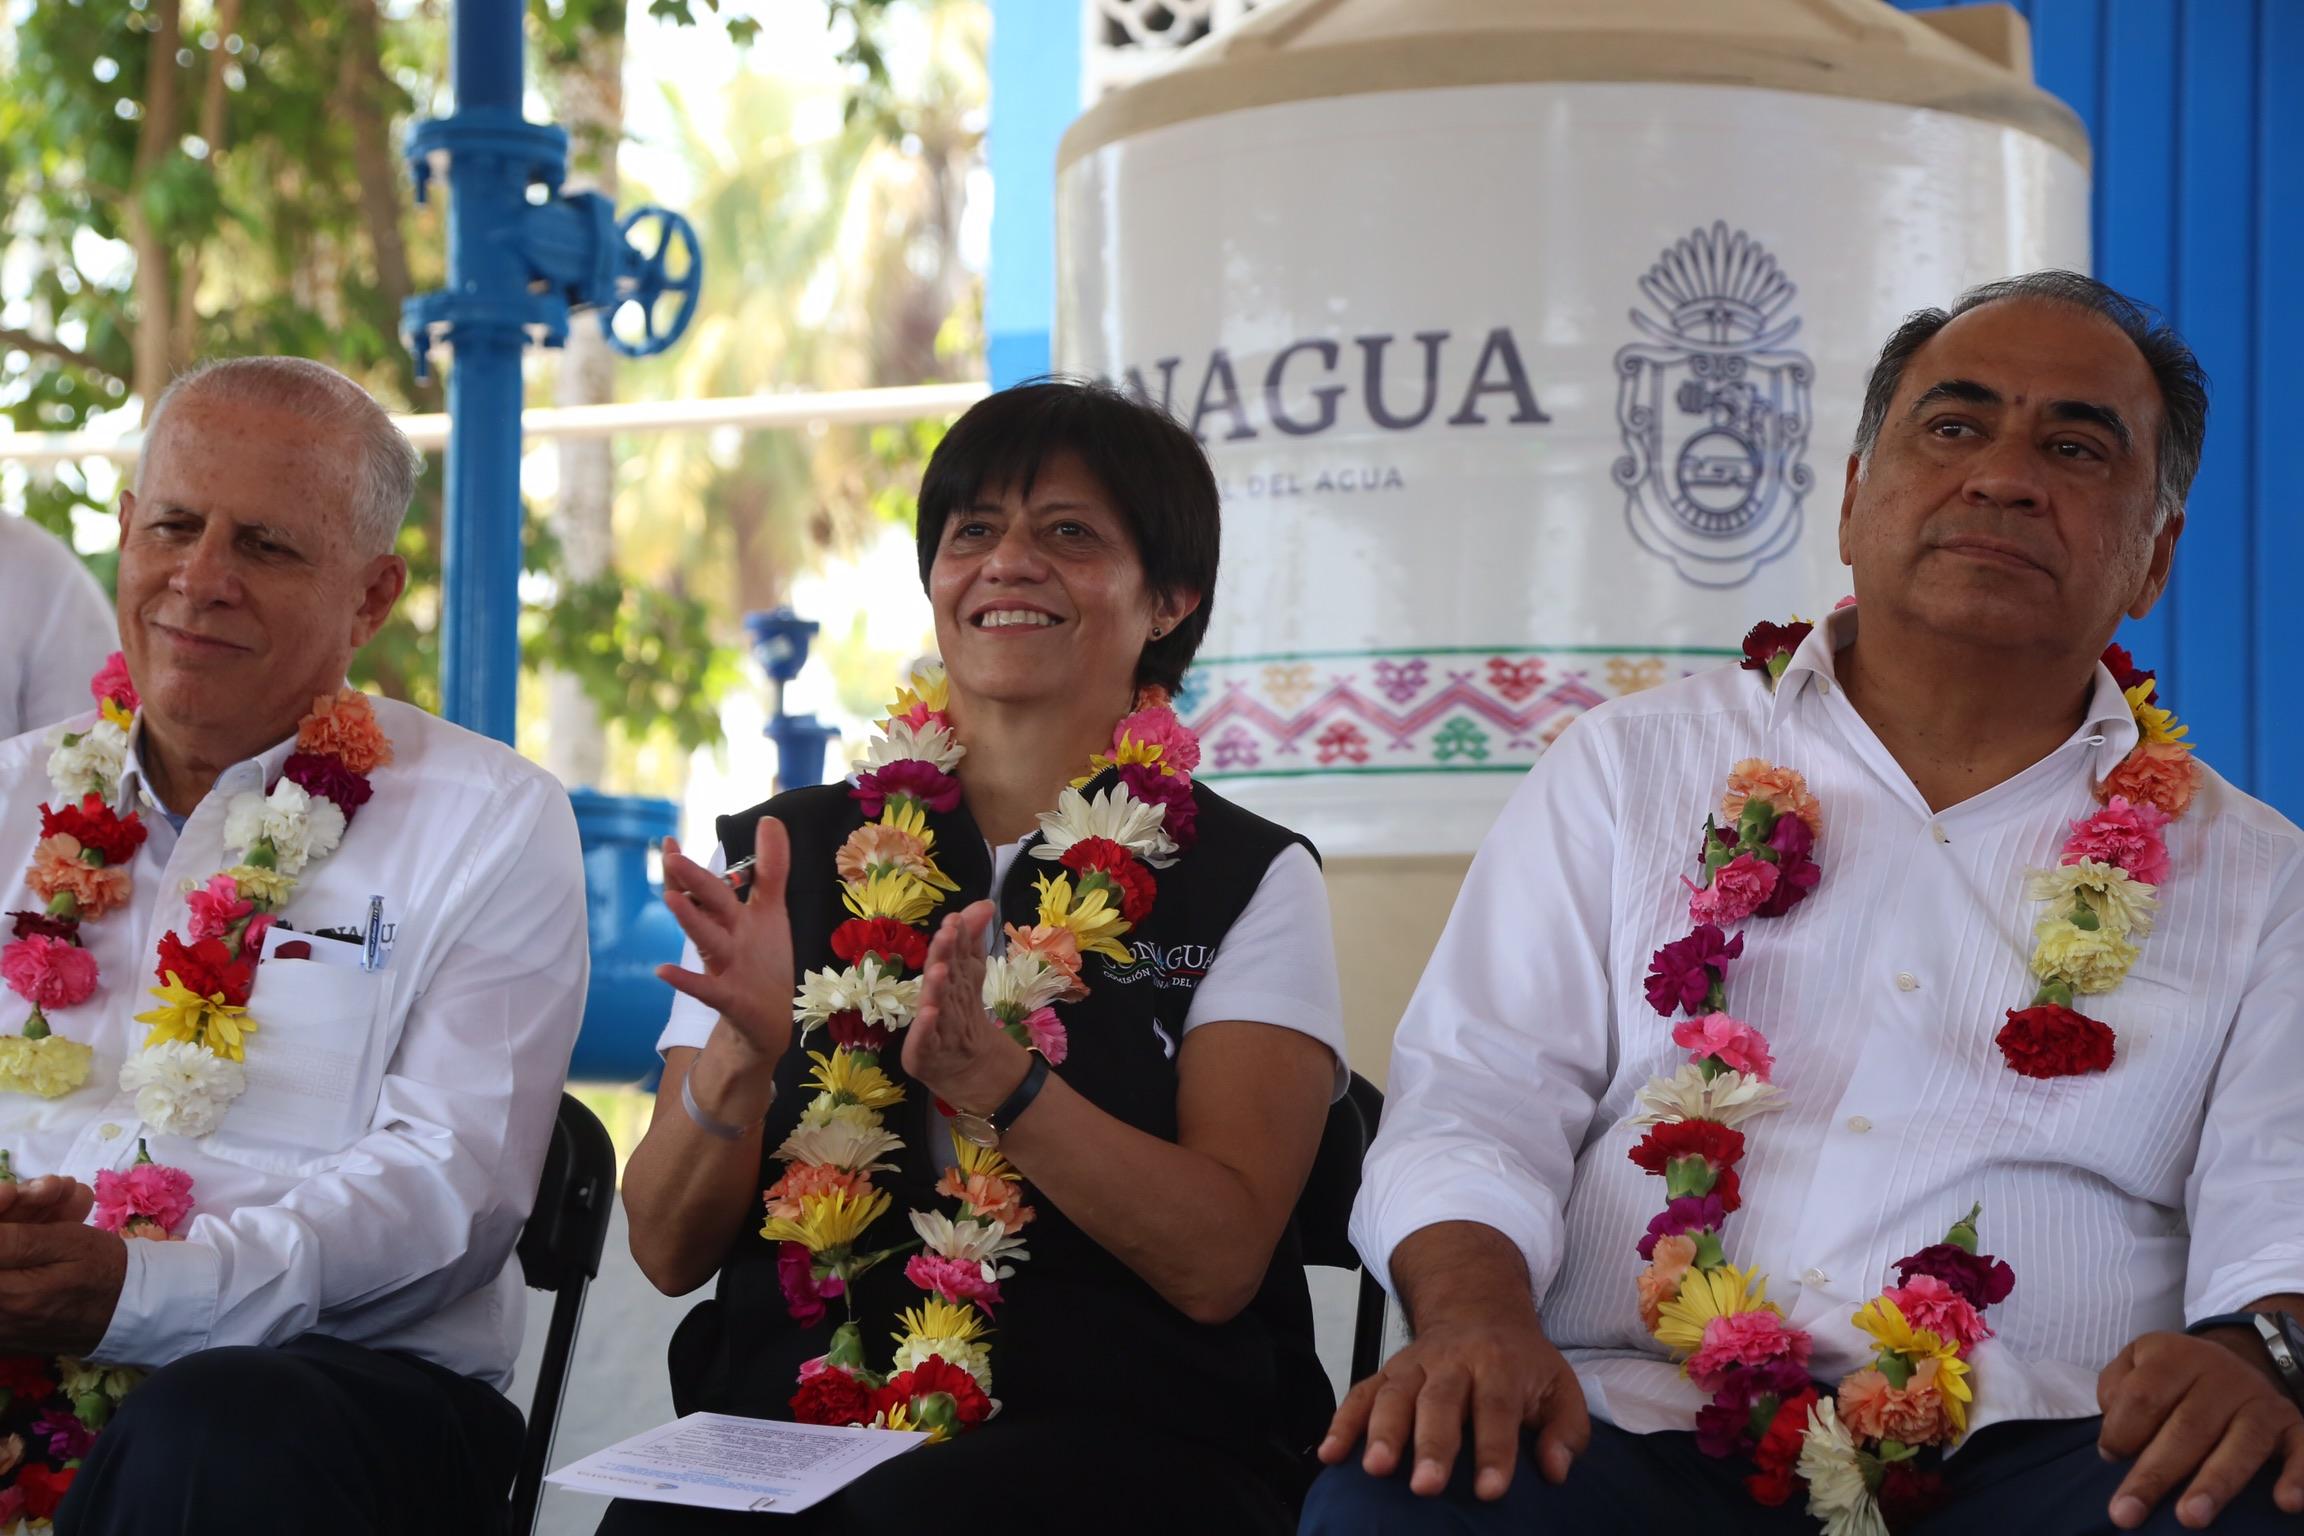 Blanca Jiménez destacó la importancia de la coordinación de los tres órdenes de gobierno para invertir en obras que mejoran los servicios del agua, lo cual permite incrementar la calidad de vida de la población.